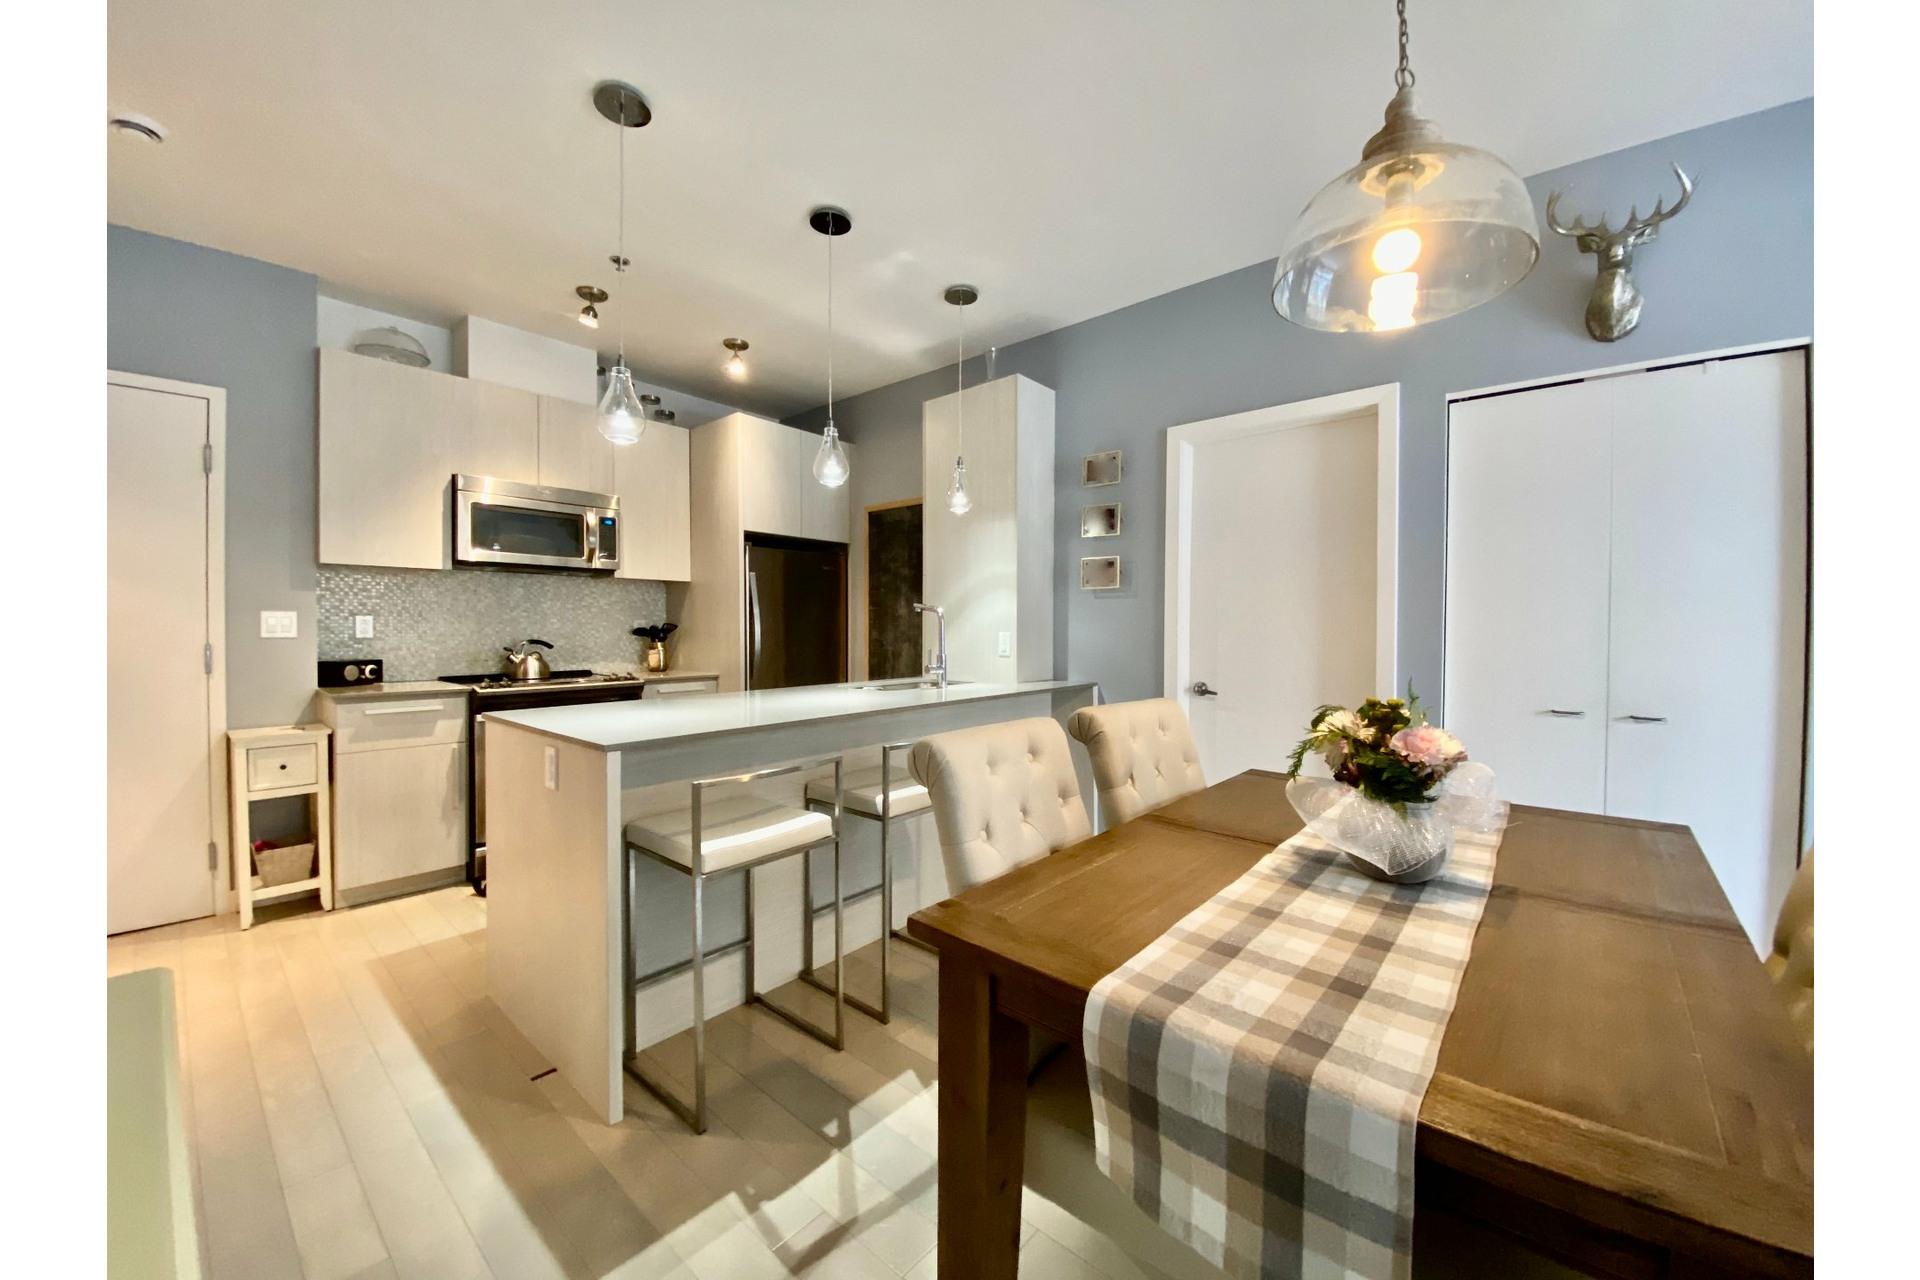 image 3 - Appartement À vendre Lachine Montréal  - 8 pièces